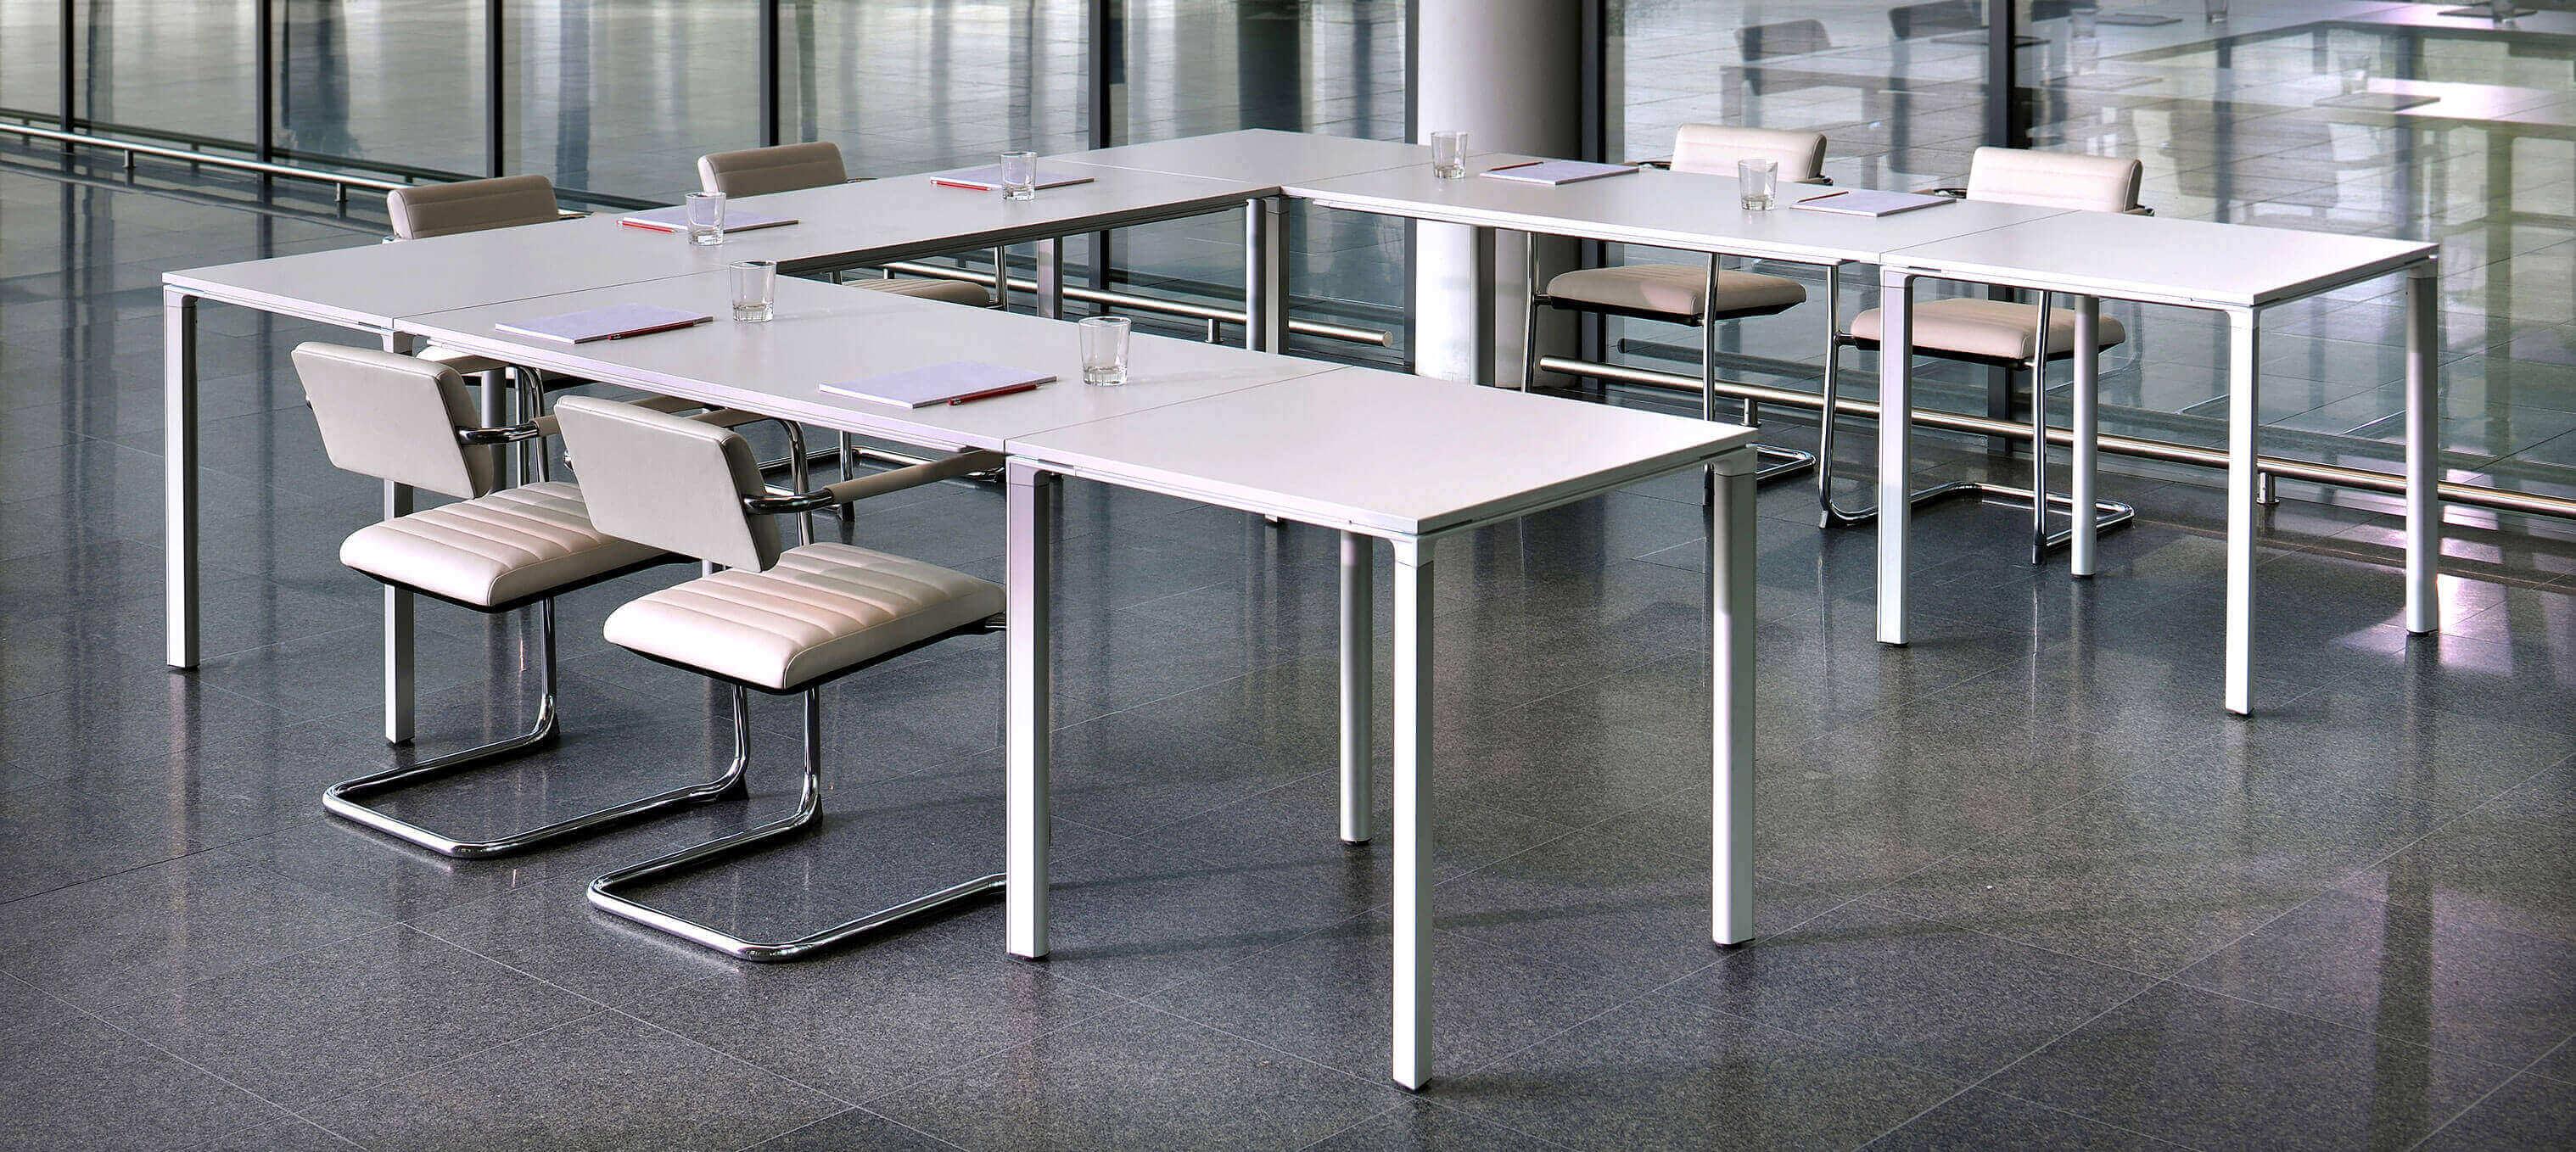 Burgess Meet-U - Office Seating Showcase white 1